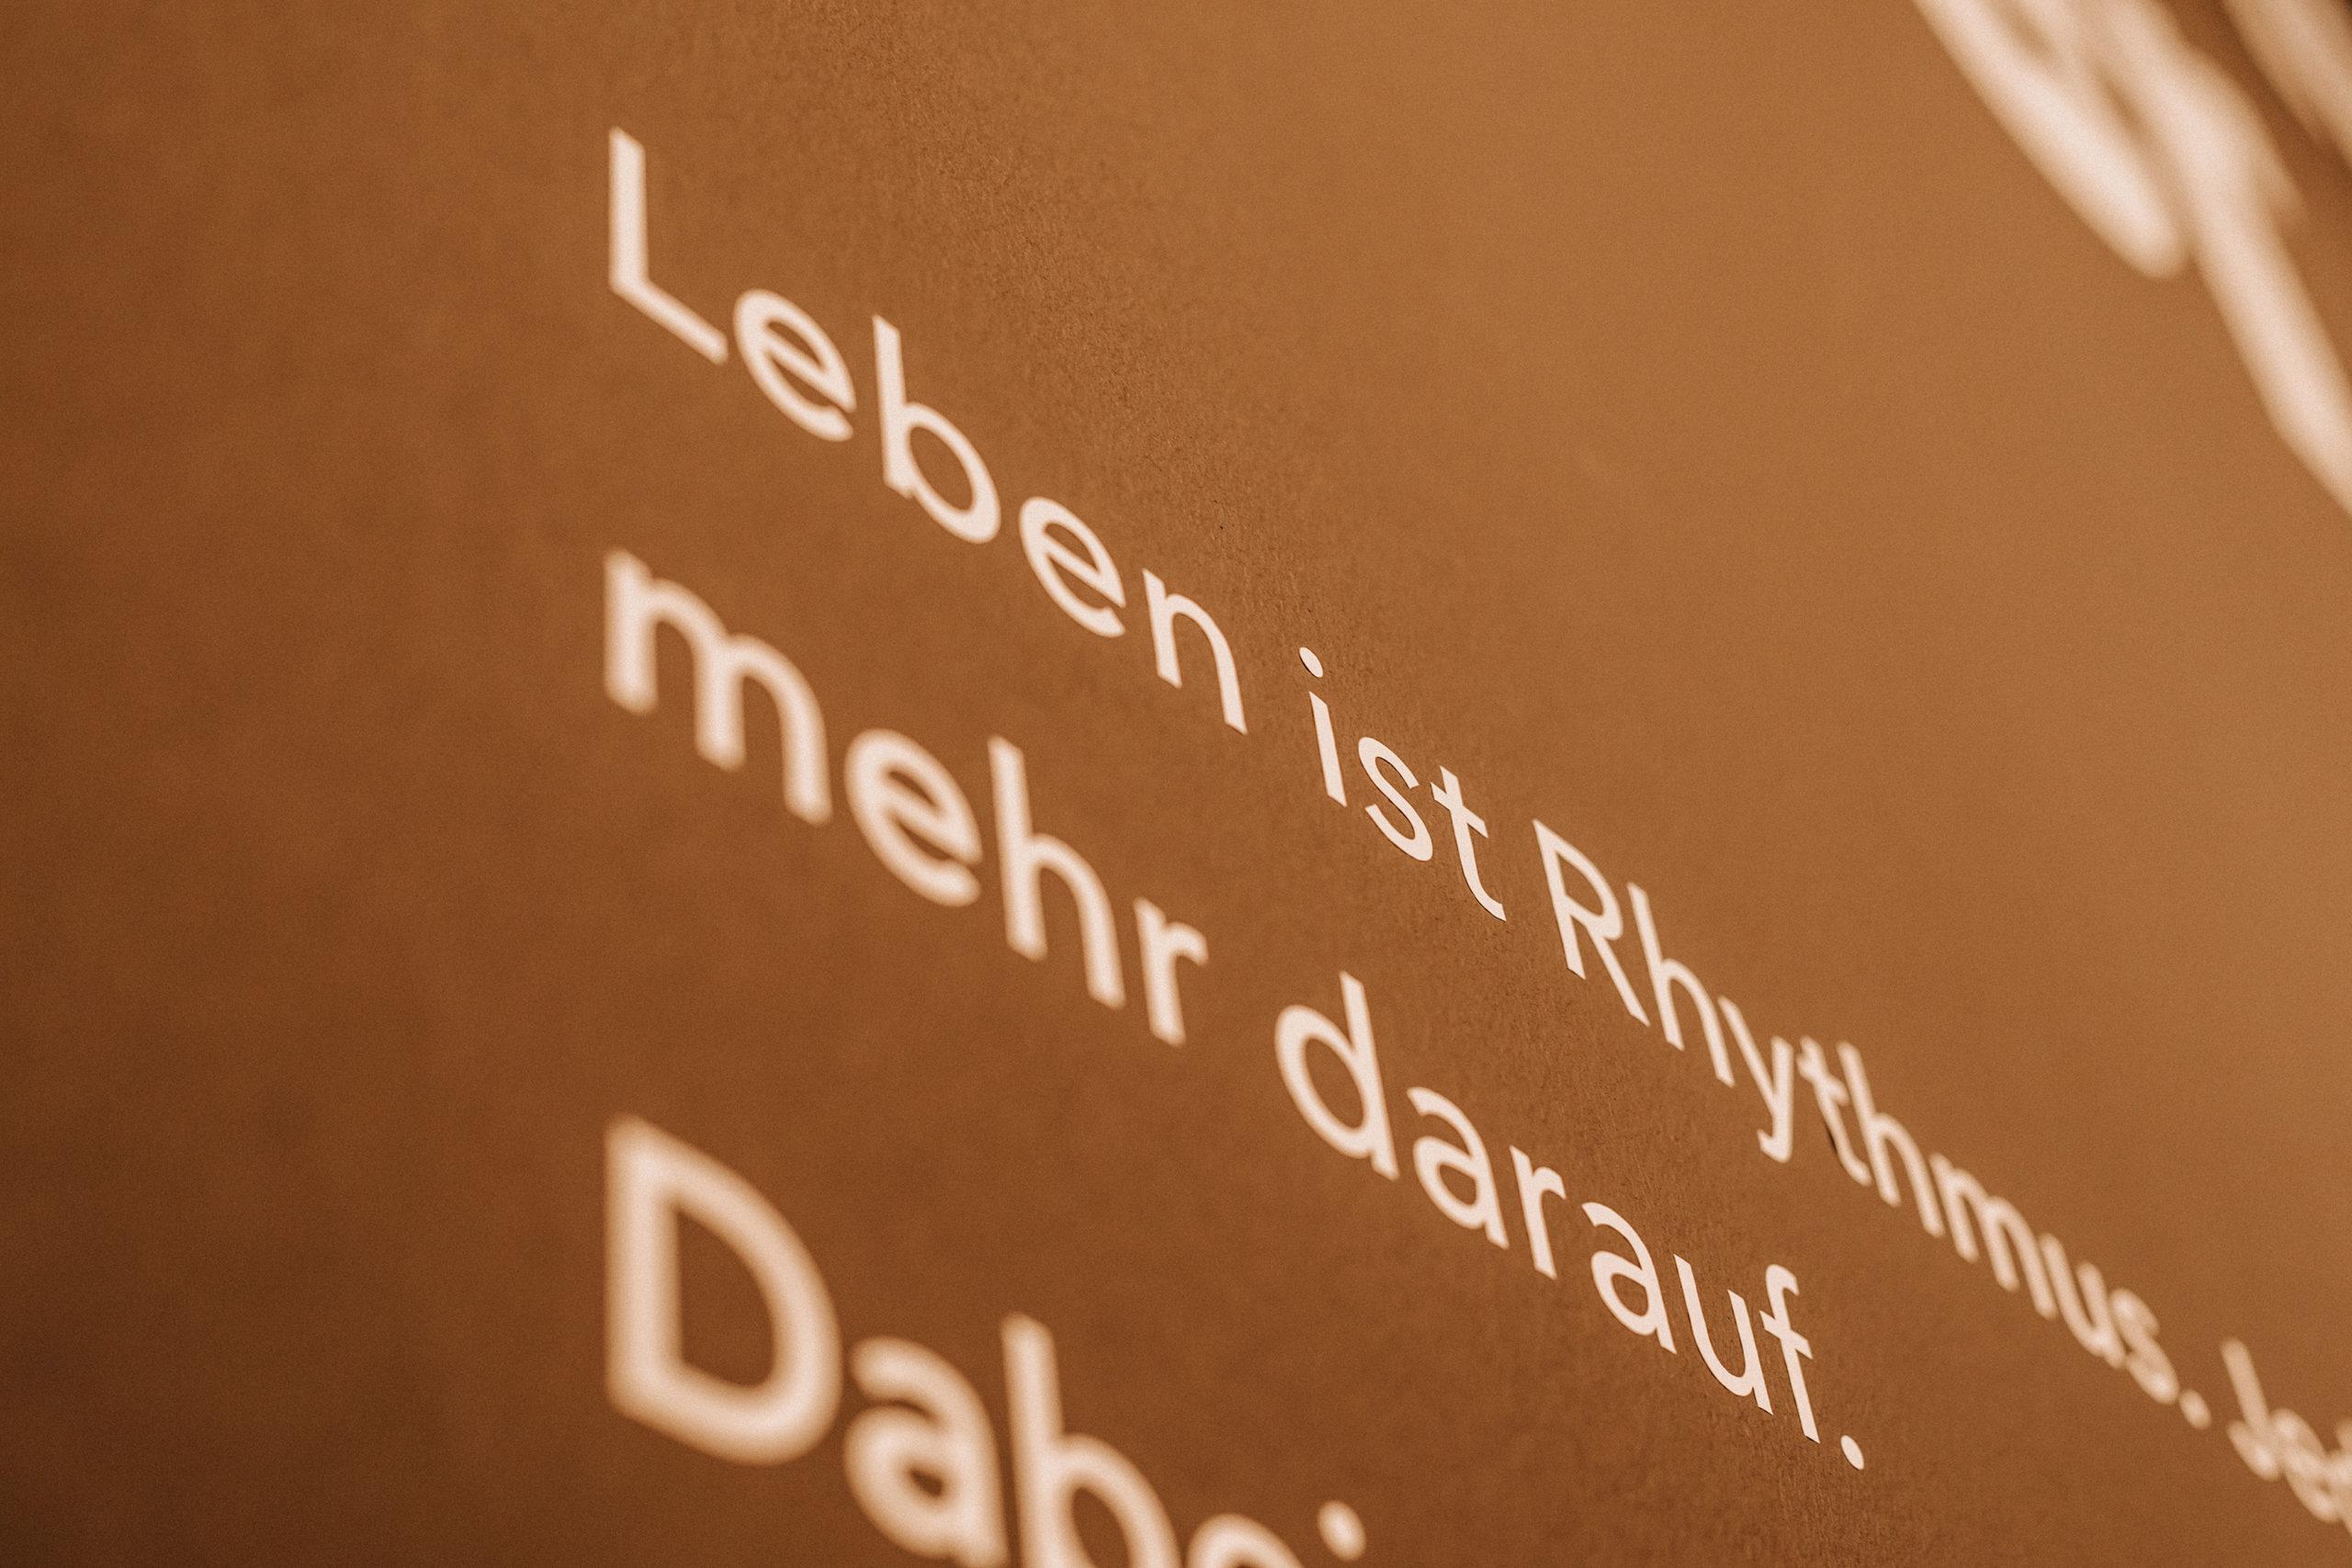 Jahr100Haus Molfsee: Wandtext Rythmus